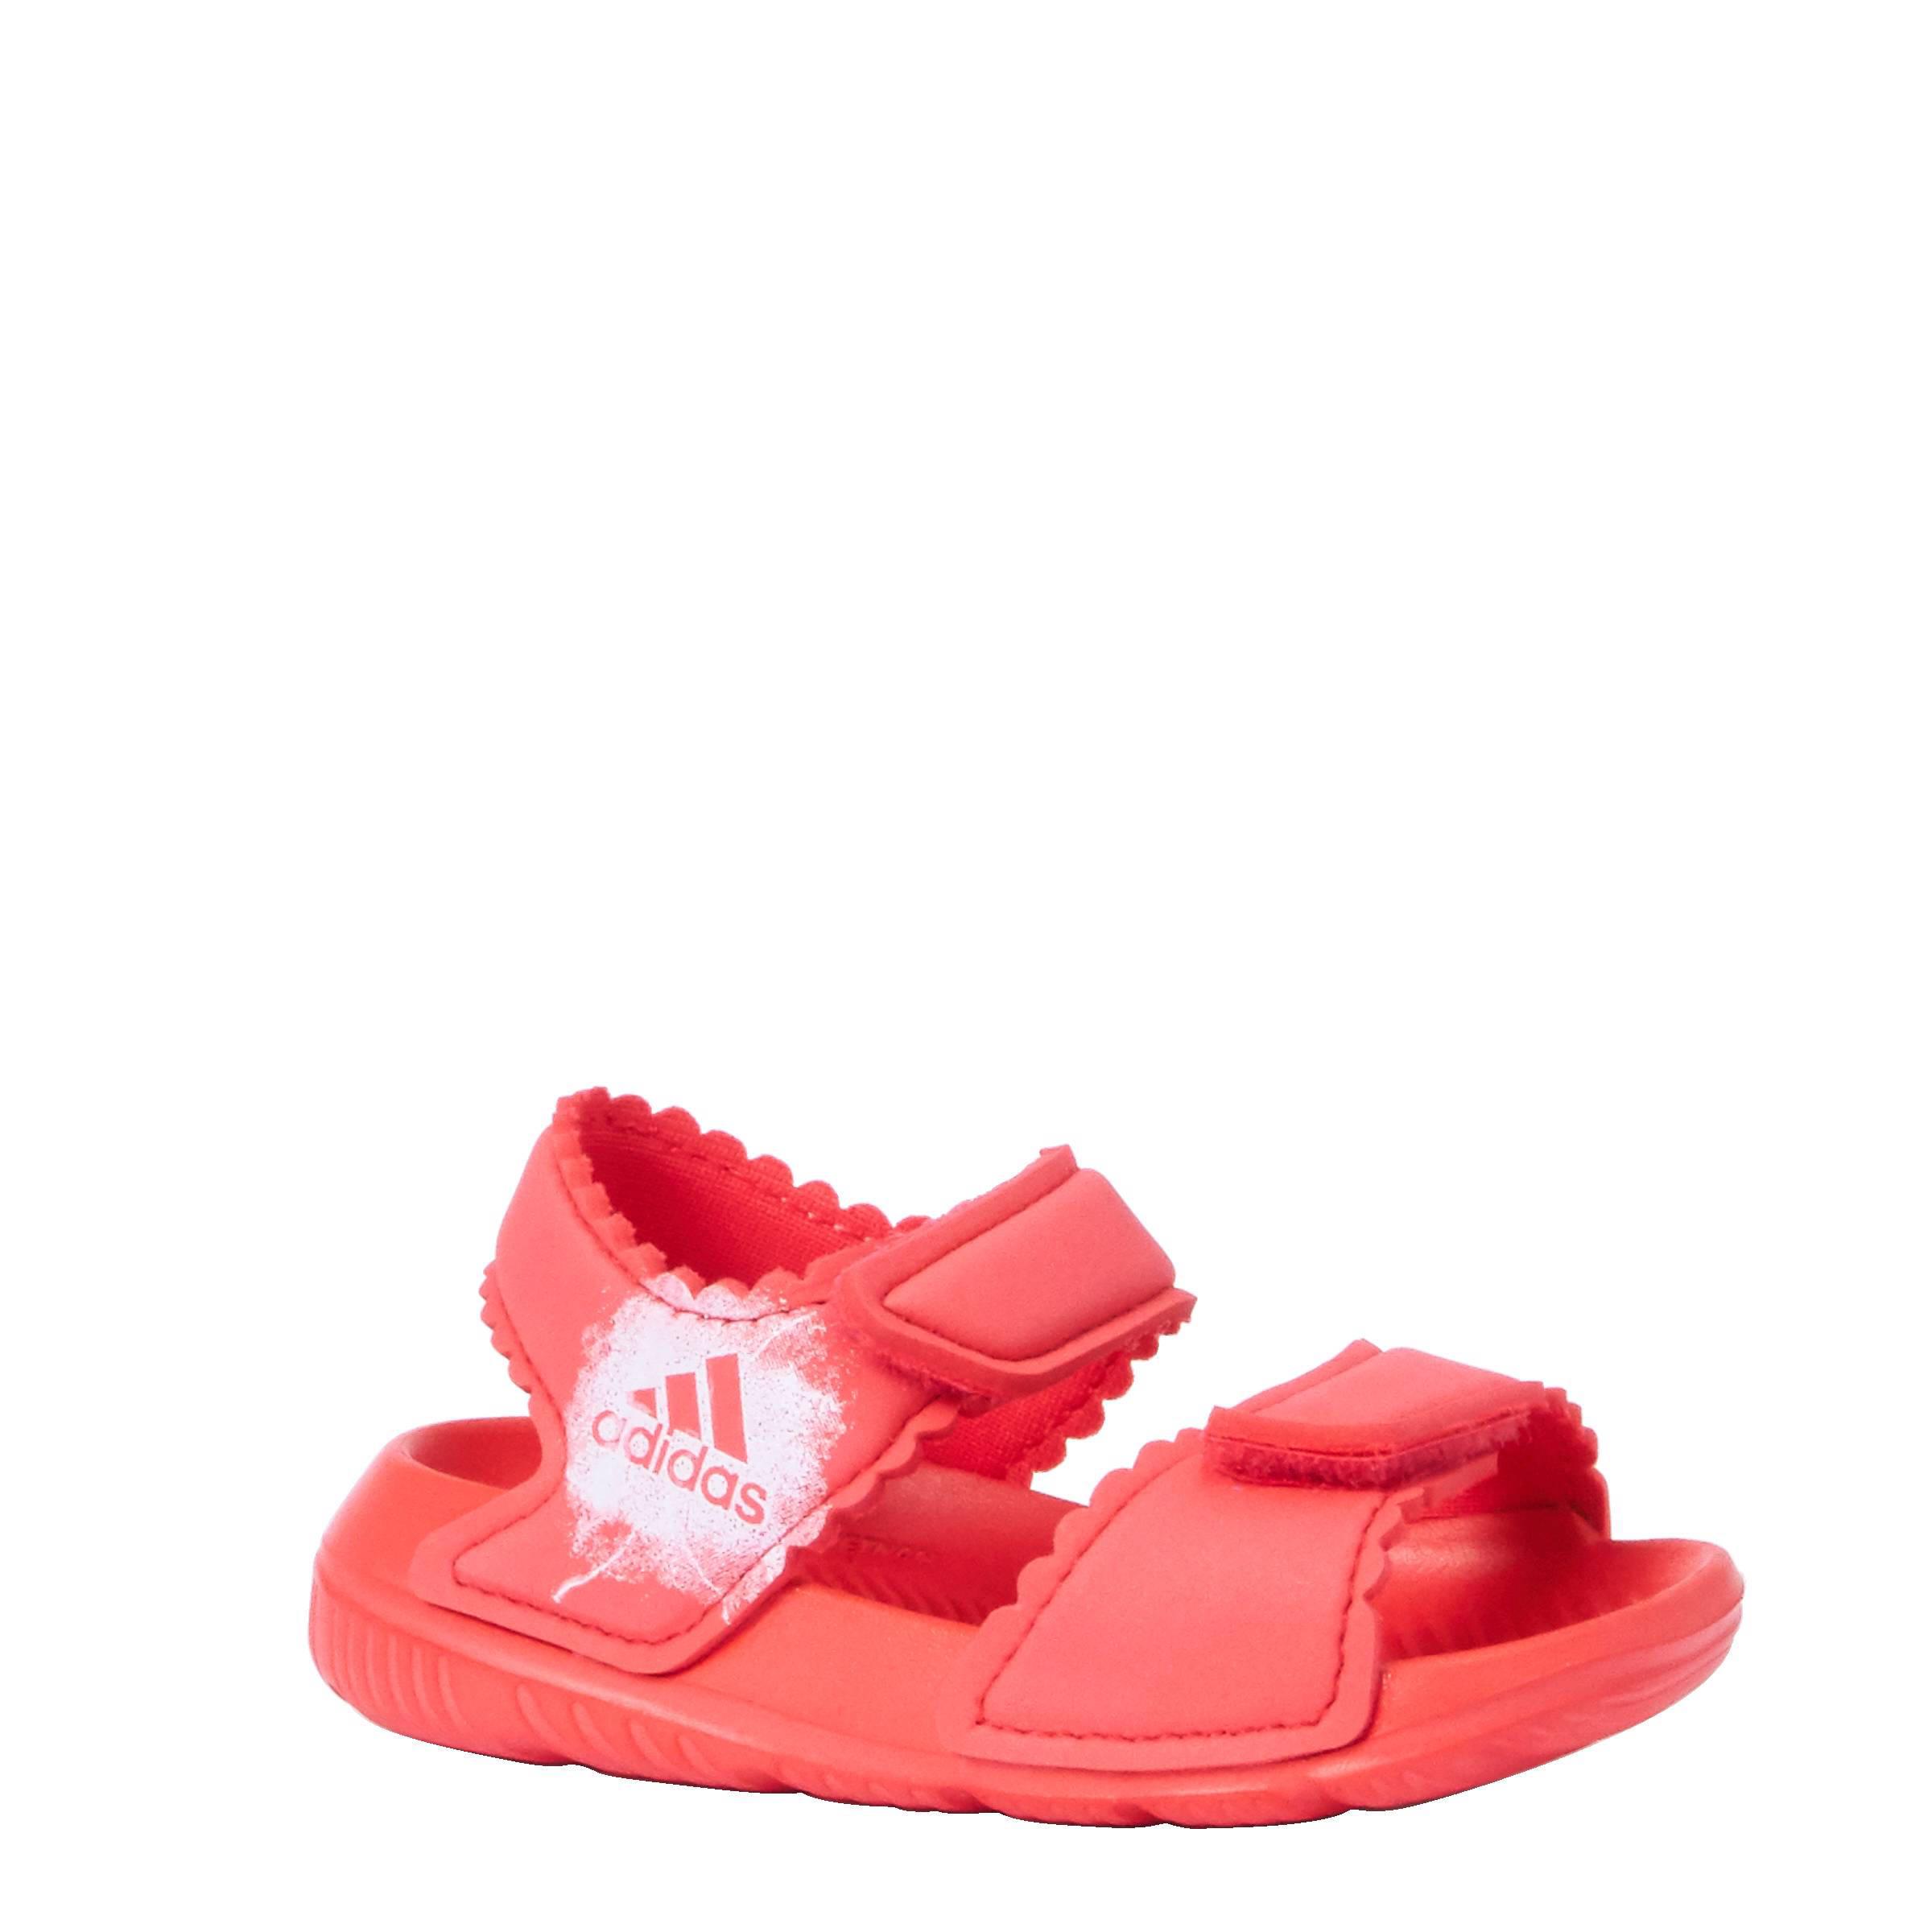 low priced b54f9 69479 AltaSwim I waterschoentjes roze